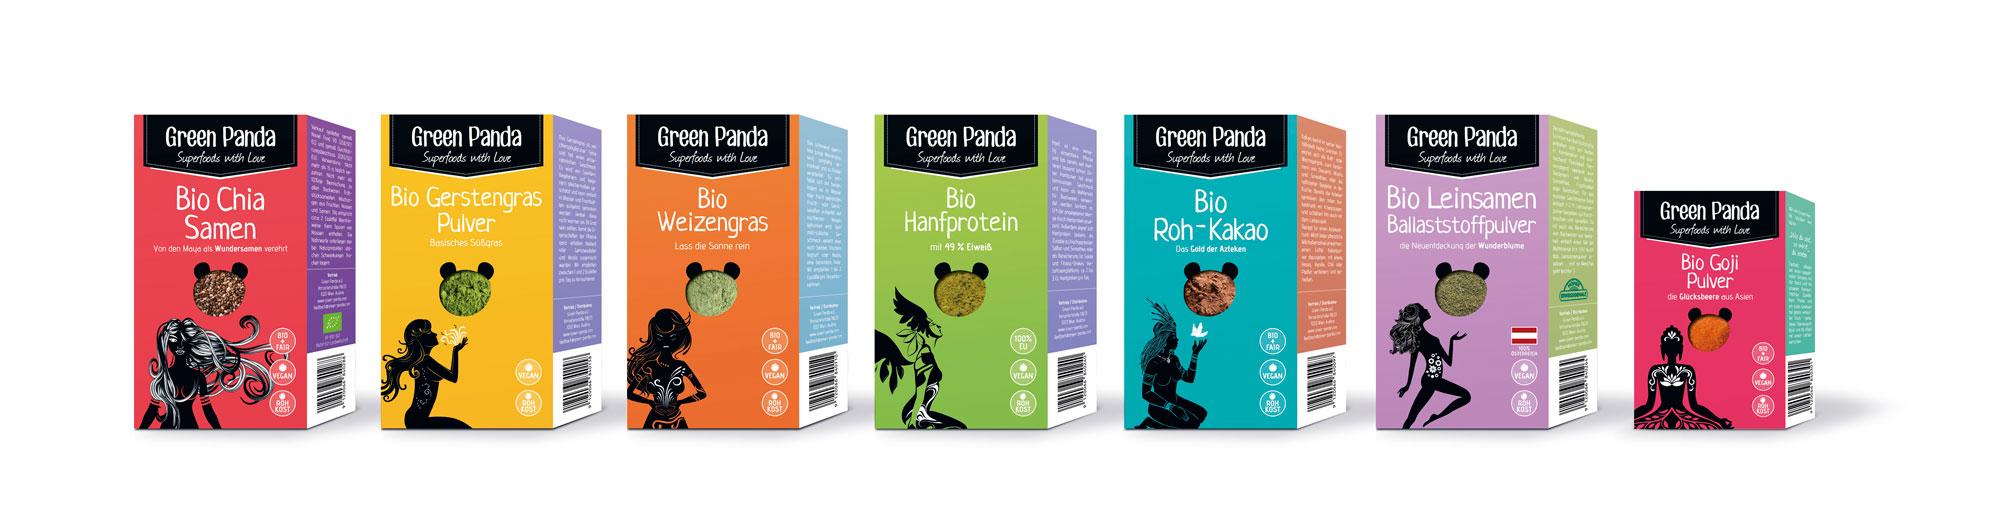 green_panda-collage.jpg